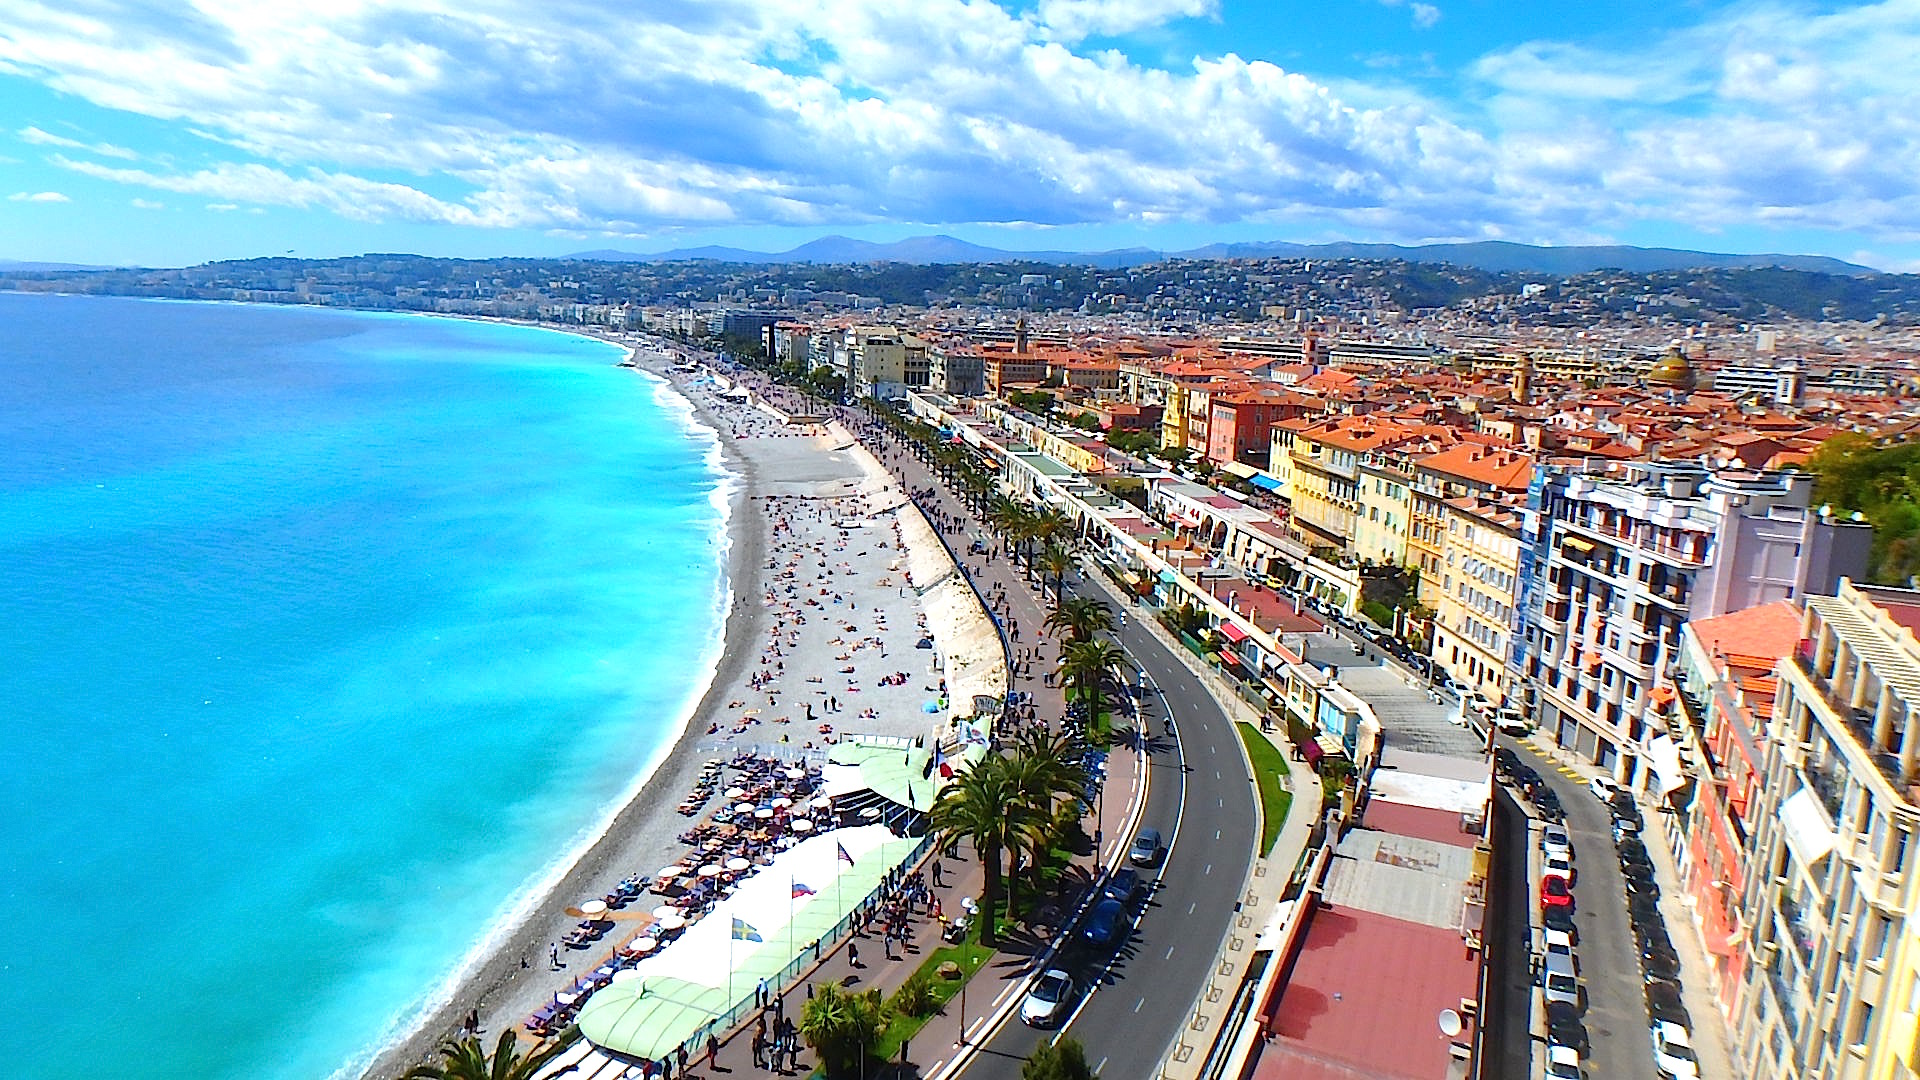 展望台から眺めるニースの街並みと海はまさに『絶景』です!